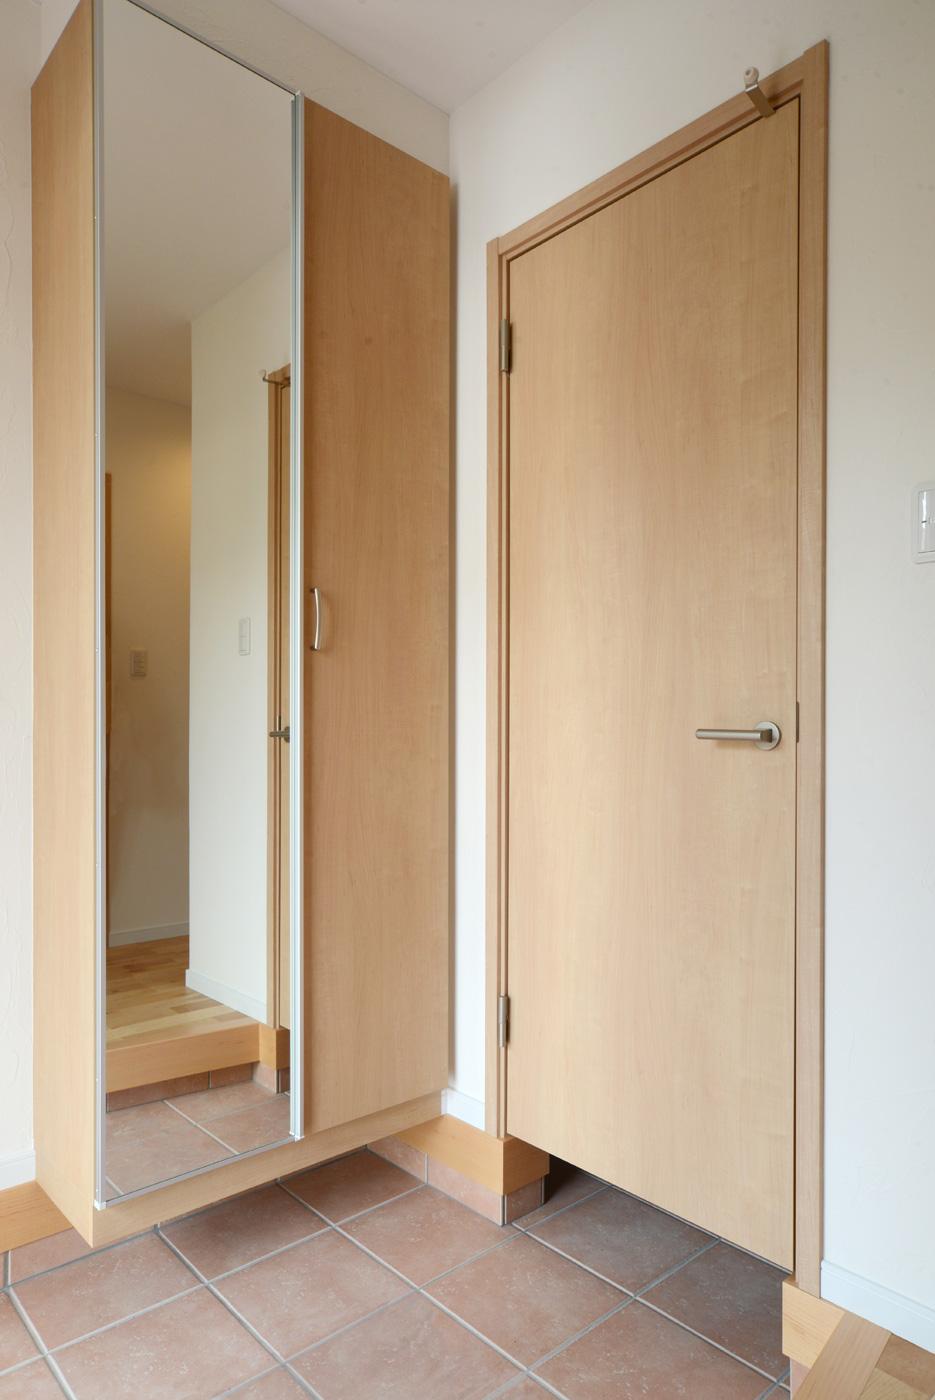 玄関:シューズクローゼットと土間収納で収納力バツグンです。